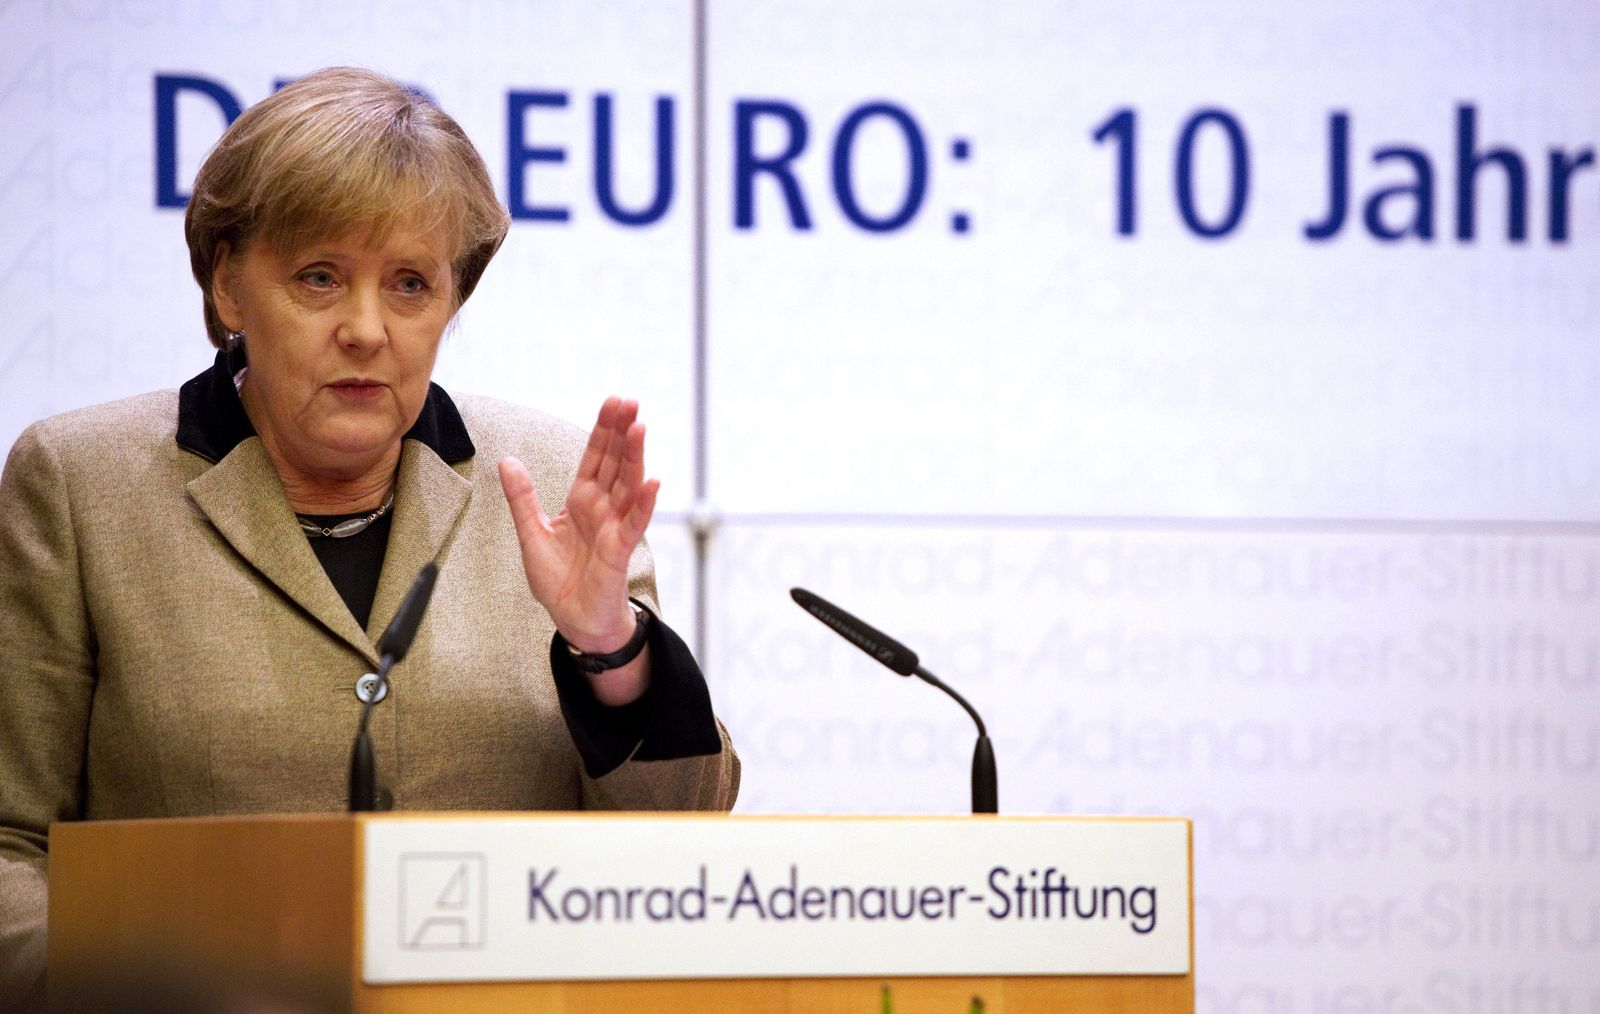 GERMANY-MERKEL-EURO